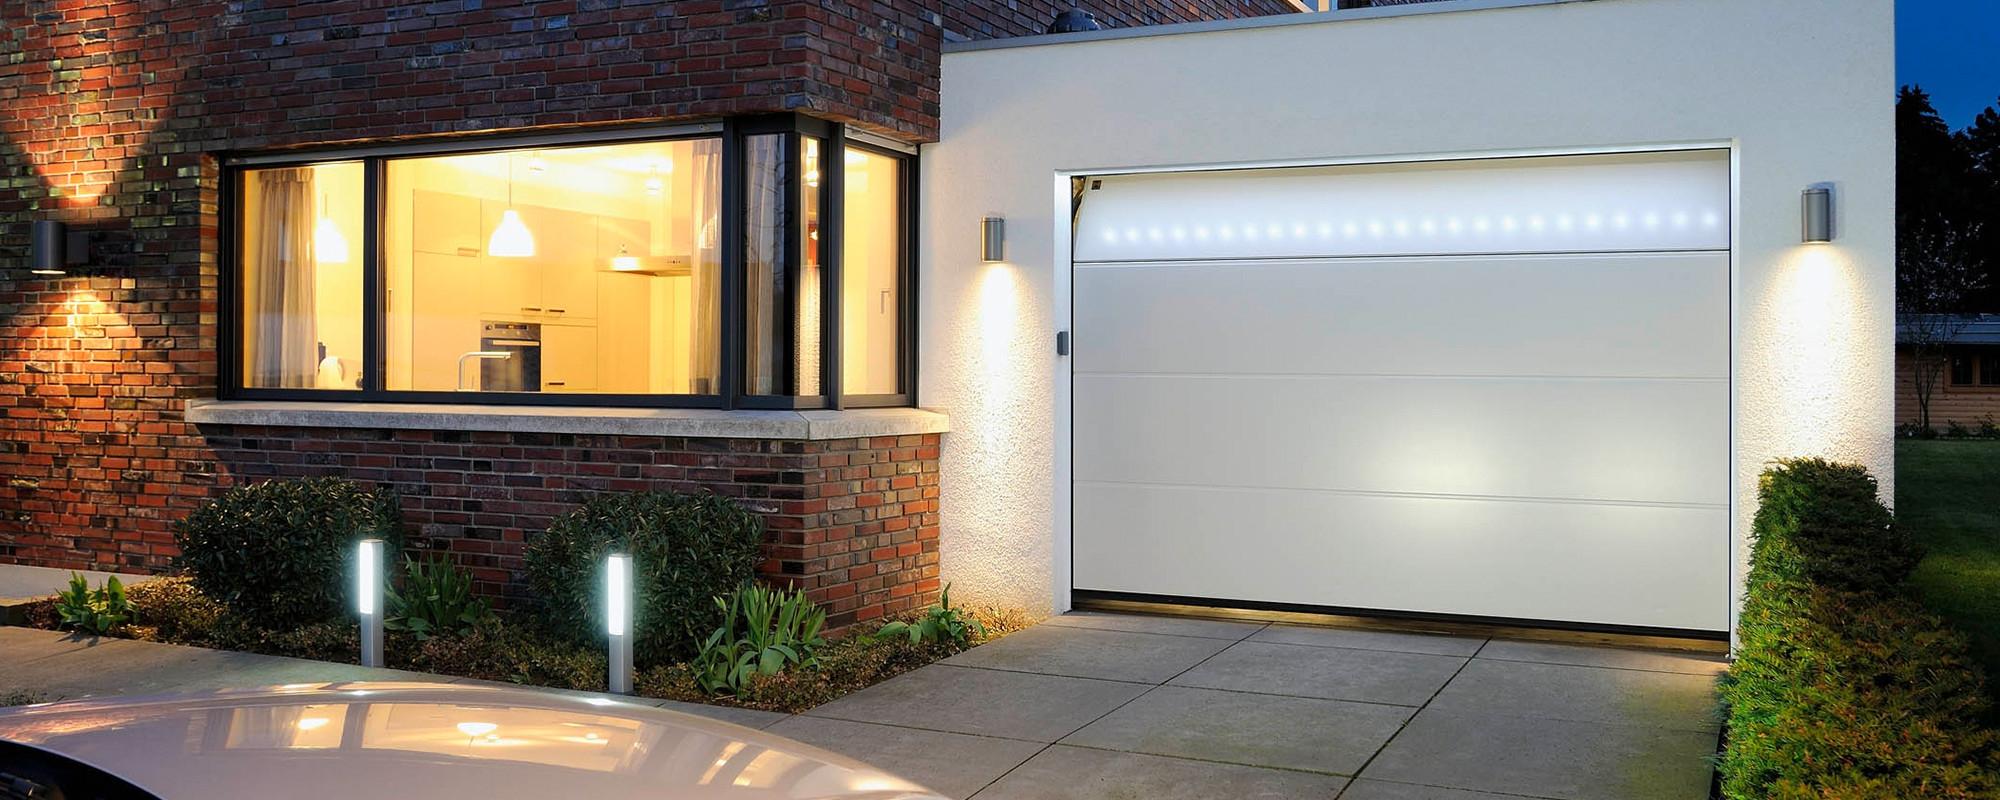 Aandrijving Hörmann garagedeur